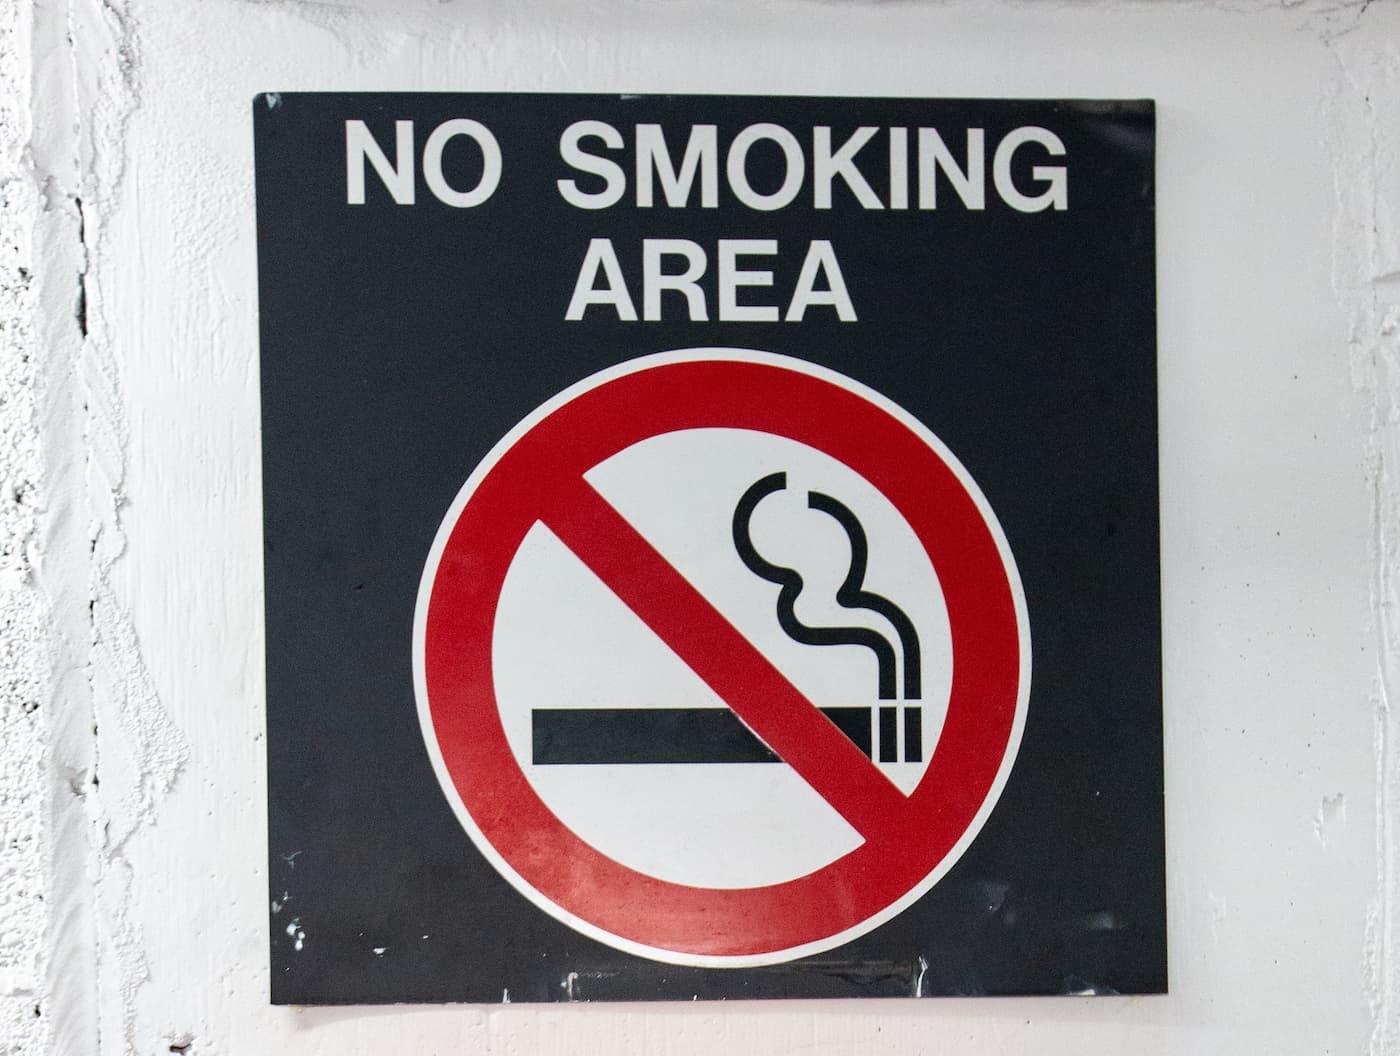 can you van vaping or marijuana smoking in a rental property